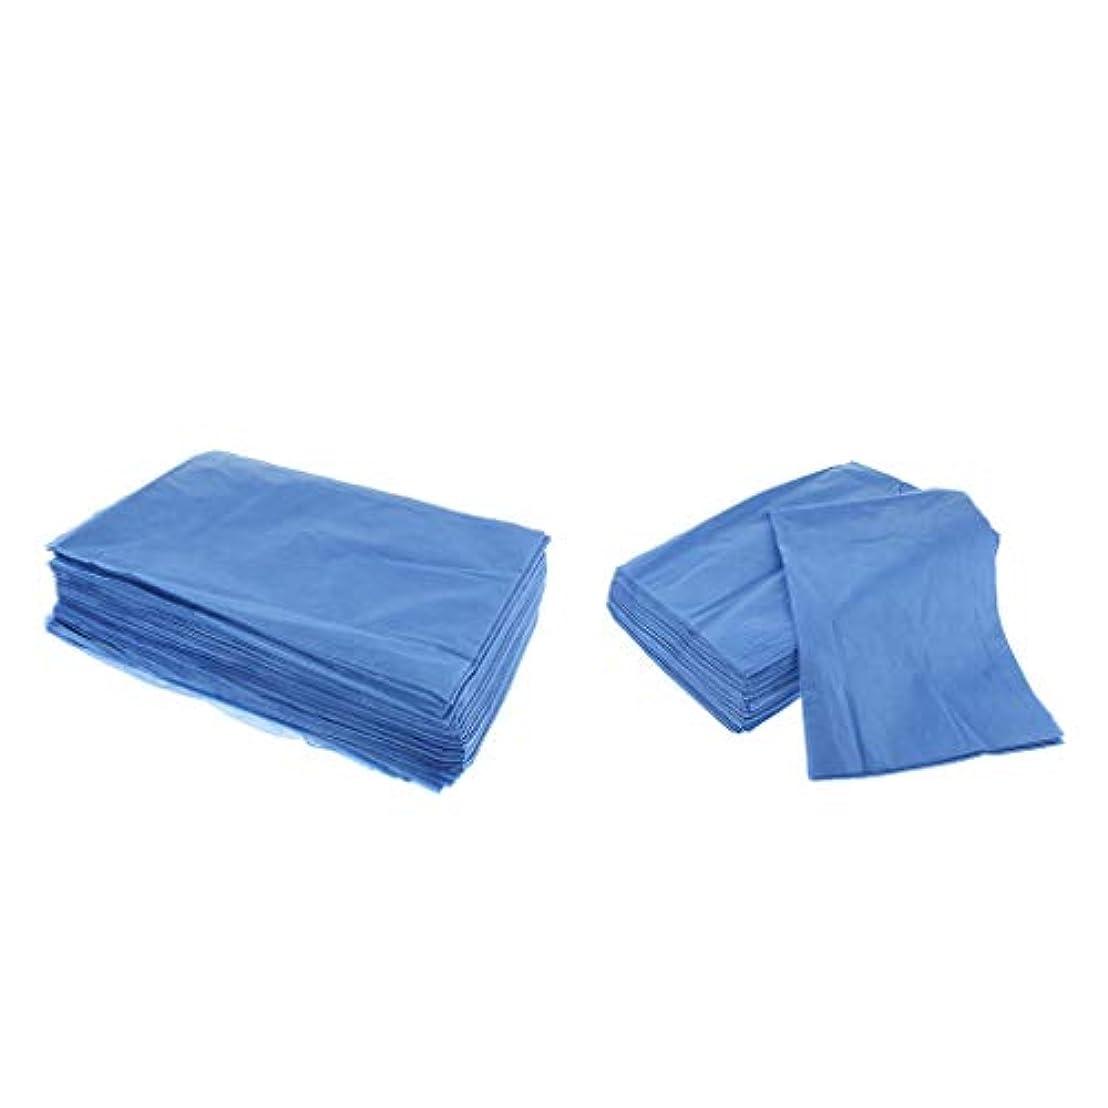 軽減月曜日緩やかなHellery 40ピース/枚/個/枚のパック、失禁用不織布使い捨てシーツ紙、マッサージテーブルシート、フェイシャルビューティー